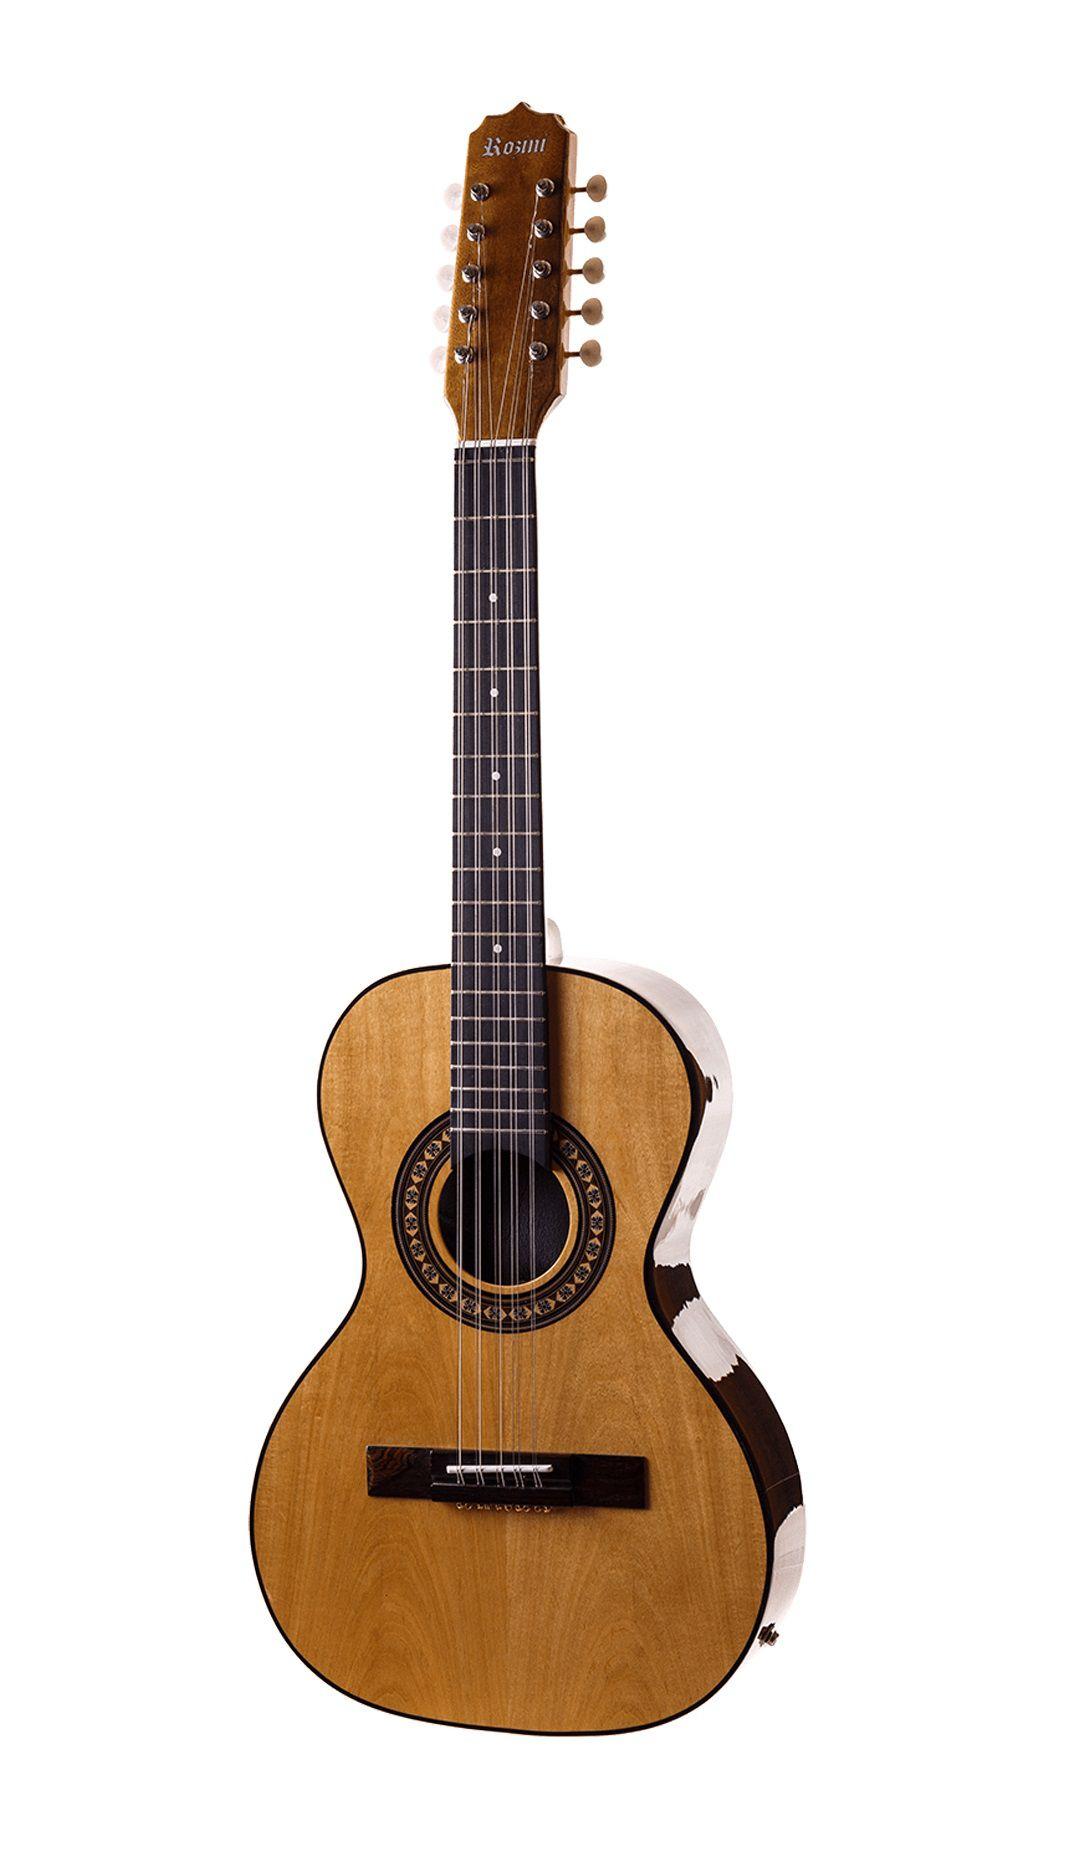 Viola Acústica Caipira Cinturada Rozini RV154ACN Natural